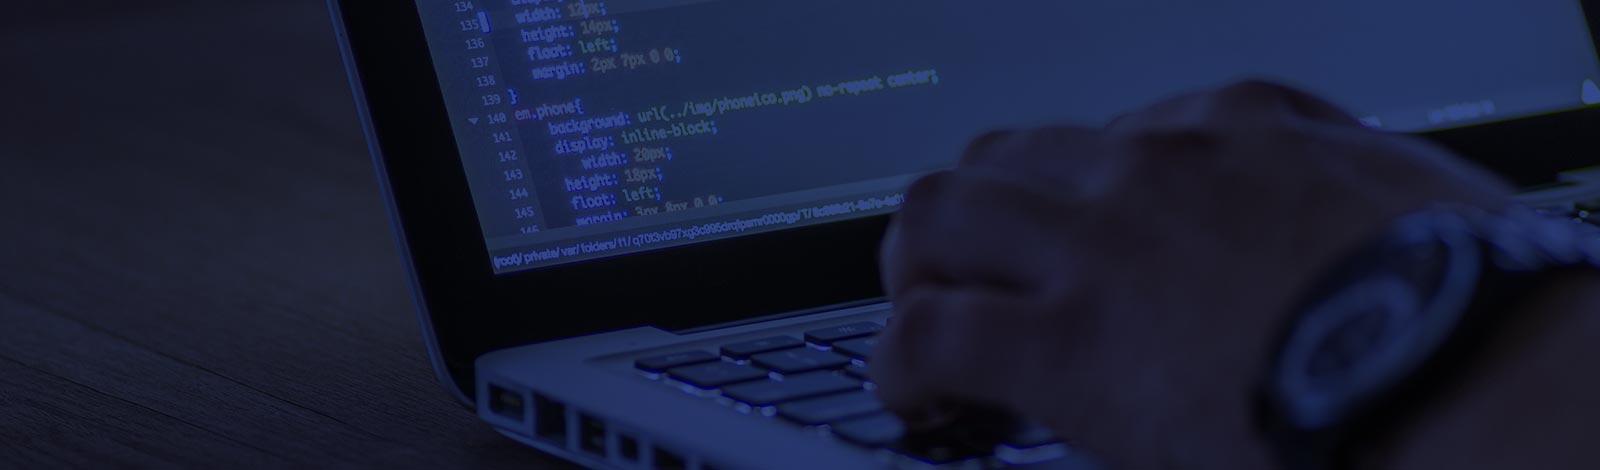 cg services informatique lion angers